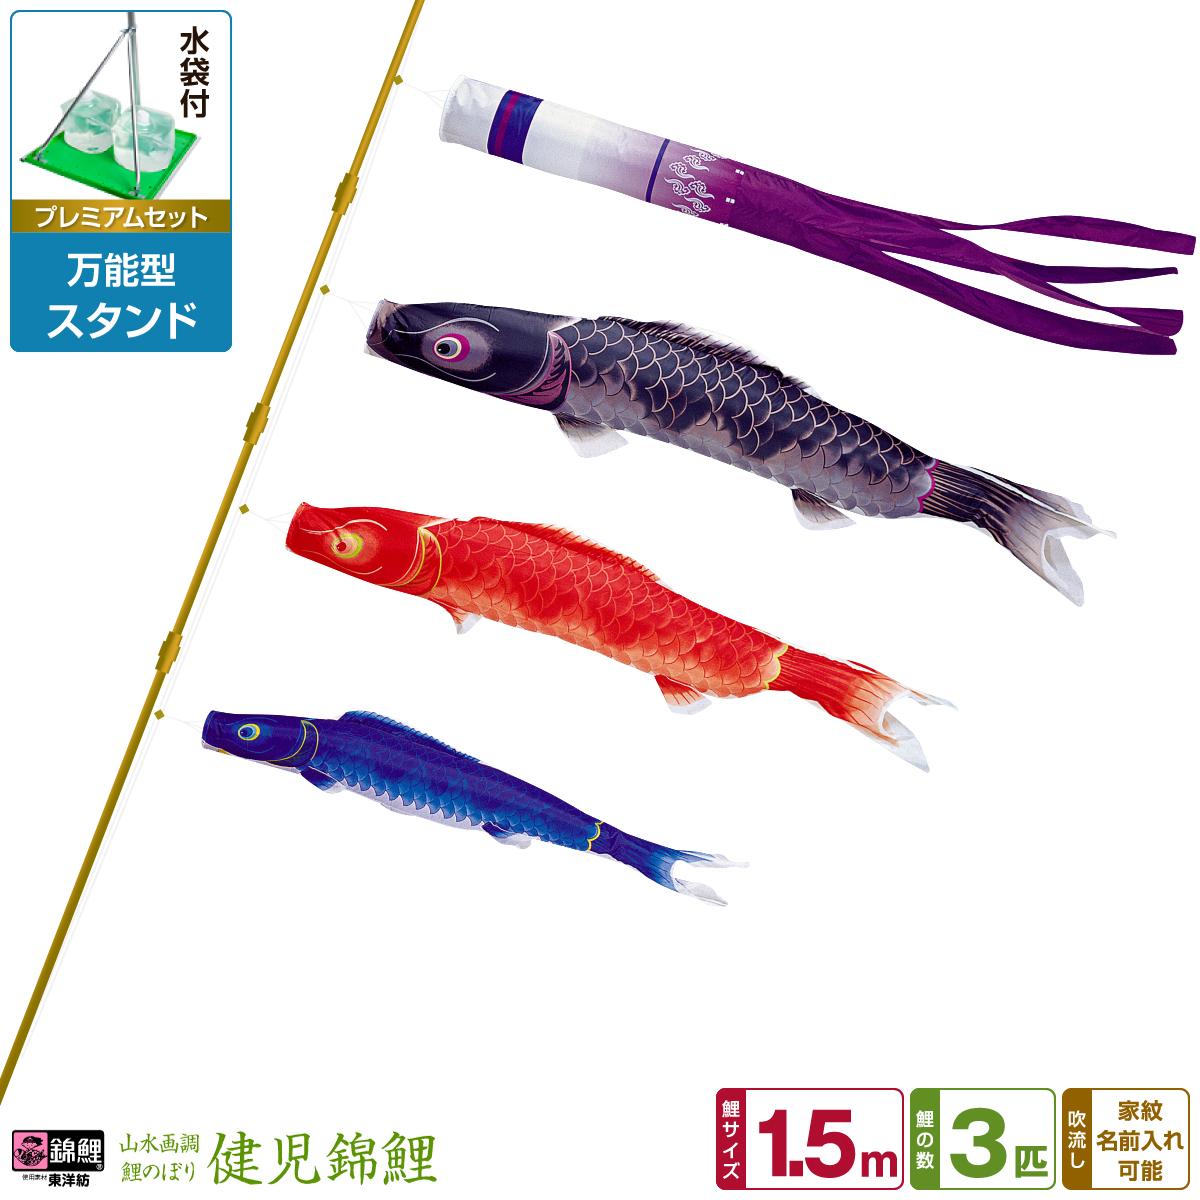 ベランダ用 こいのぼり 鯉のぼり 錦鯉 山水画を思わせる端麗な色 調 健児錦鯉 1.5m 6点(吹流し+鯉3匹+矢車+ロープ)/プレミアムセット(万能スタンド)